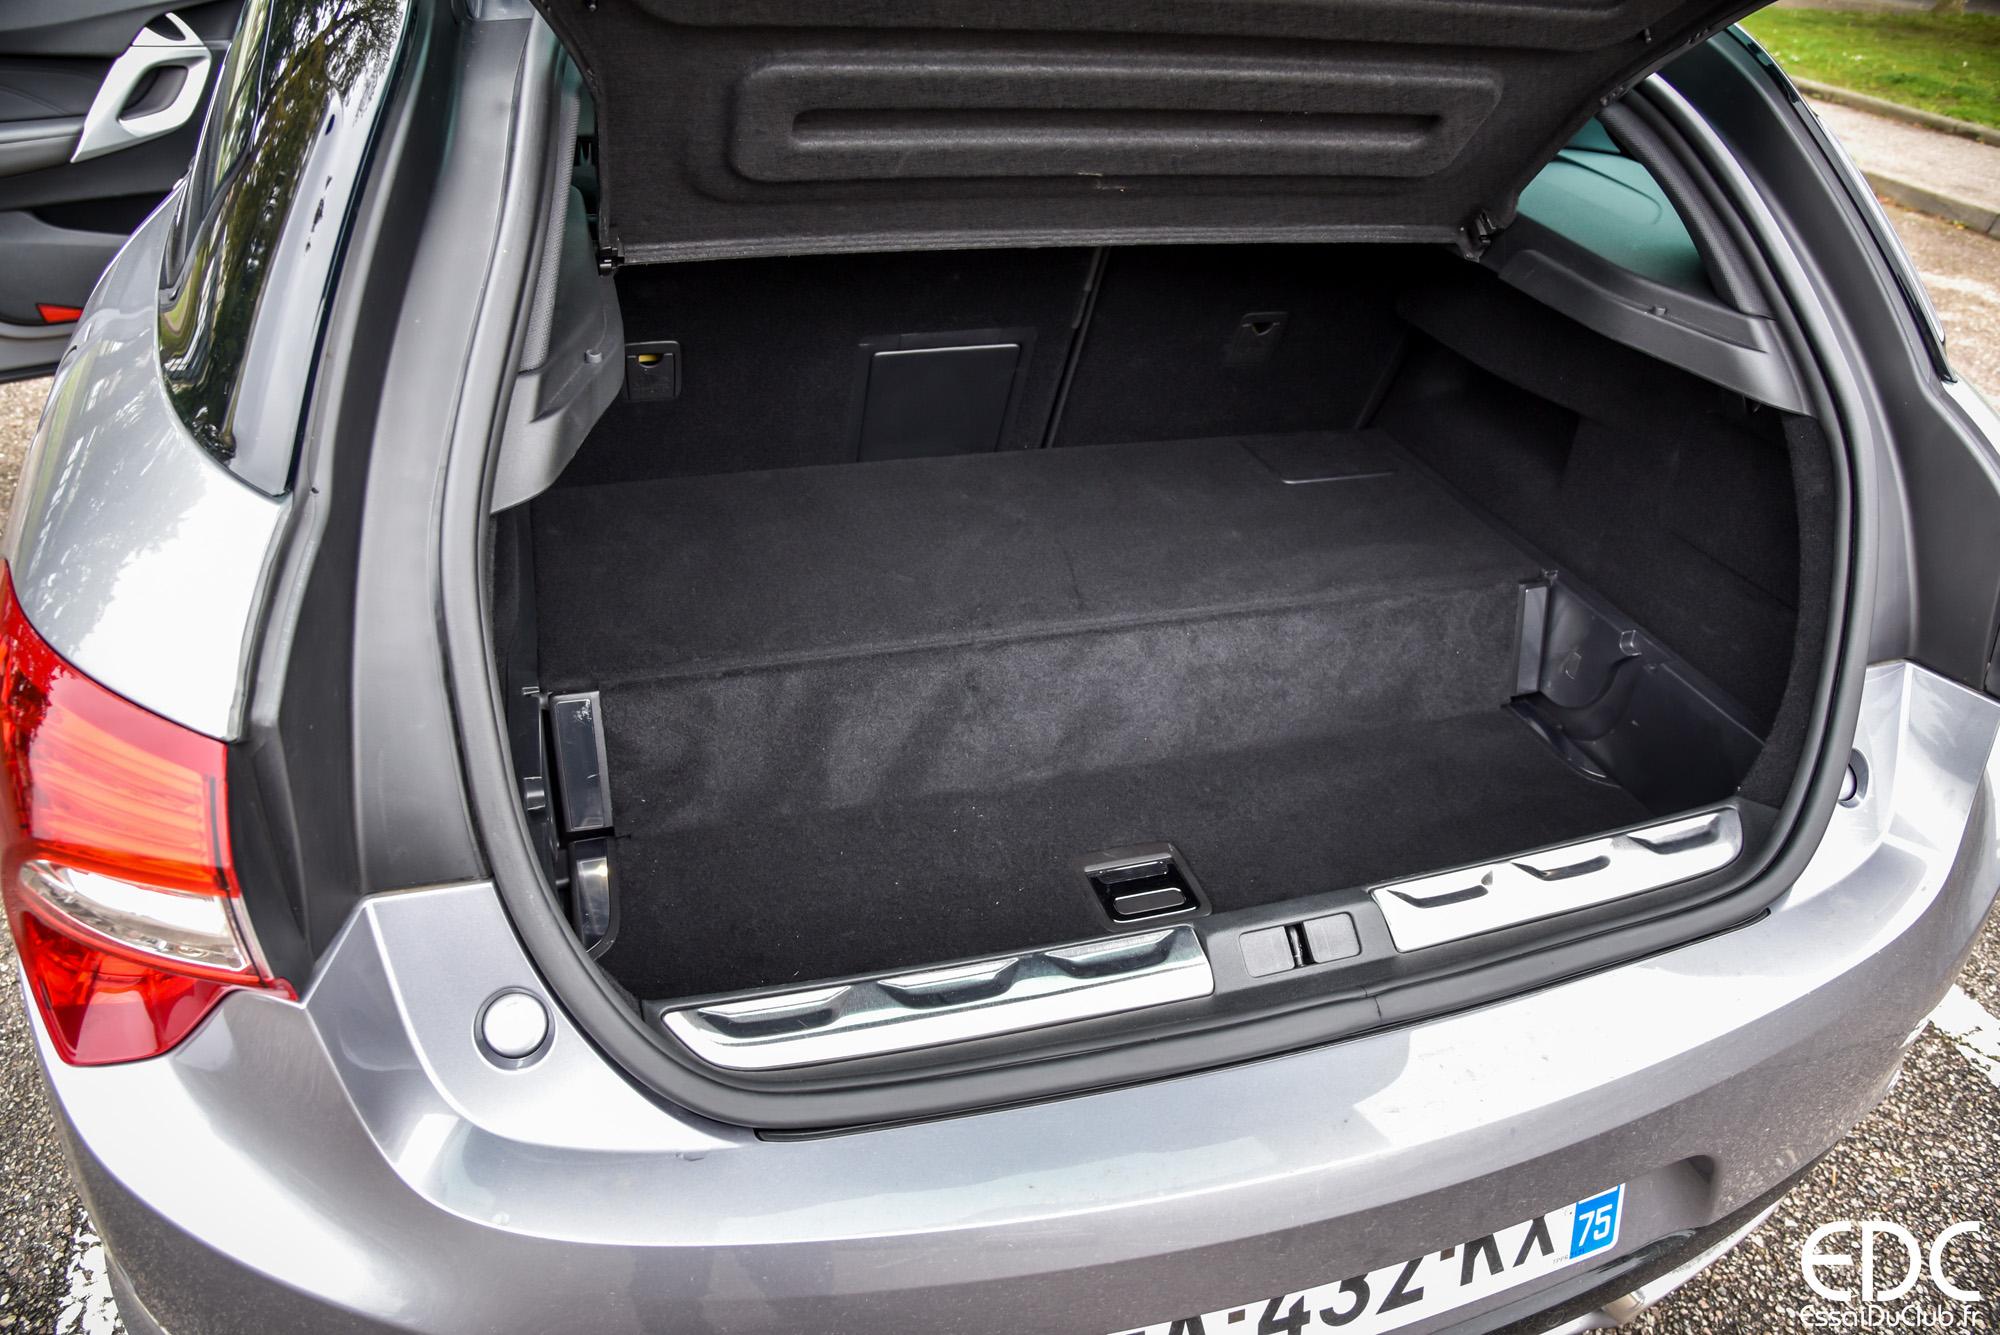 ds 5 hybrid 4x4 l 39 ovni lectrique qui carbure au gazole essais du club. Black Bedroom Furniture Sets. Home Design Ideas